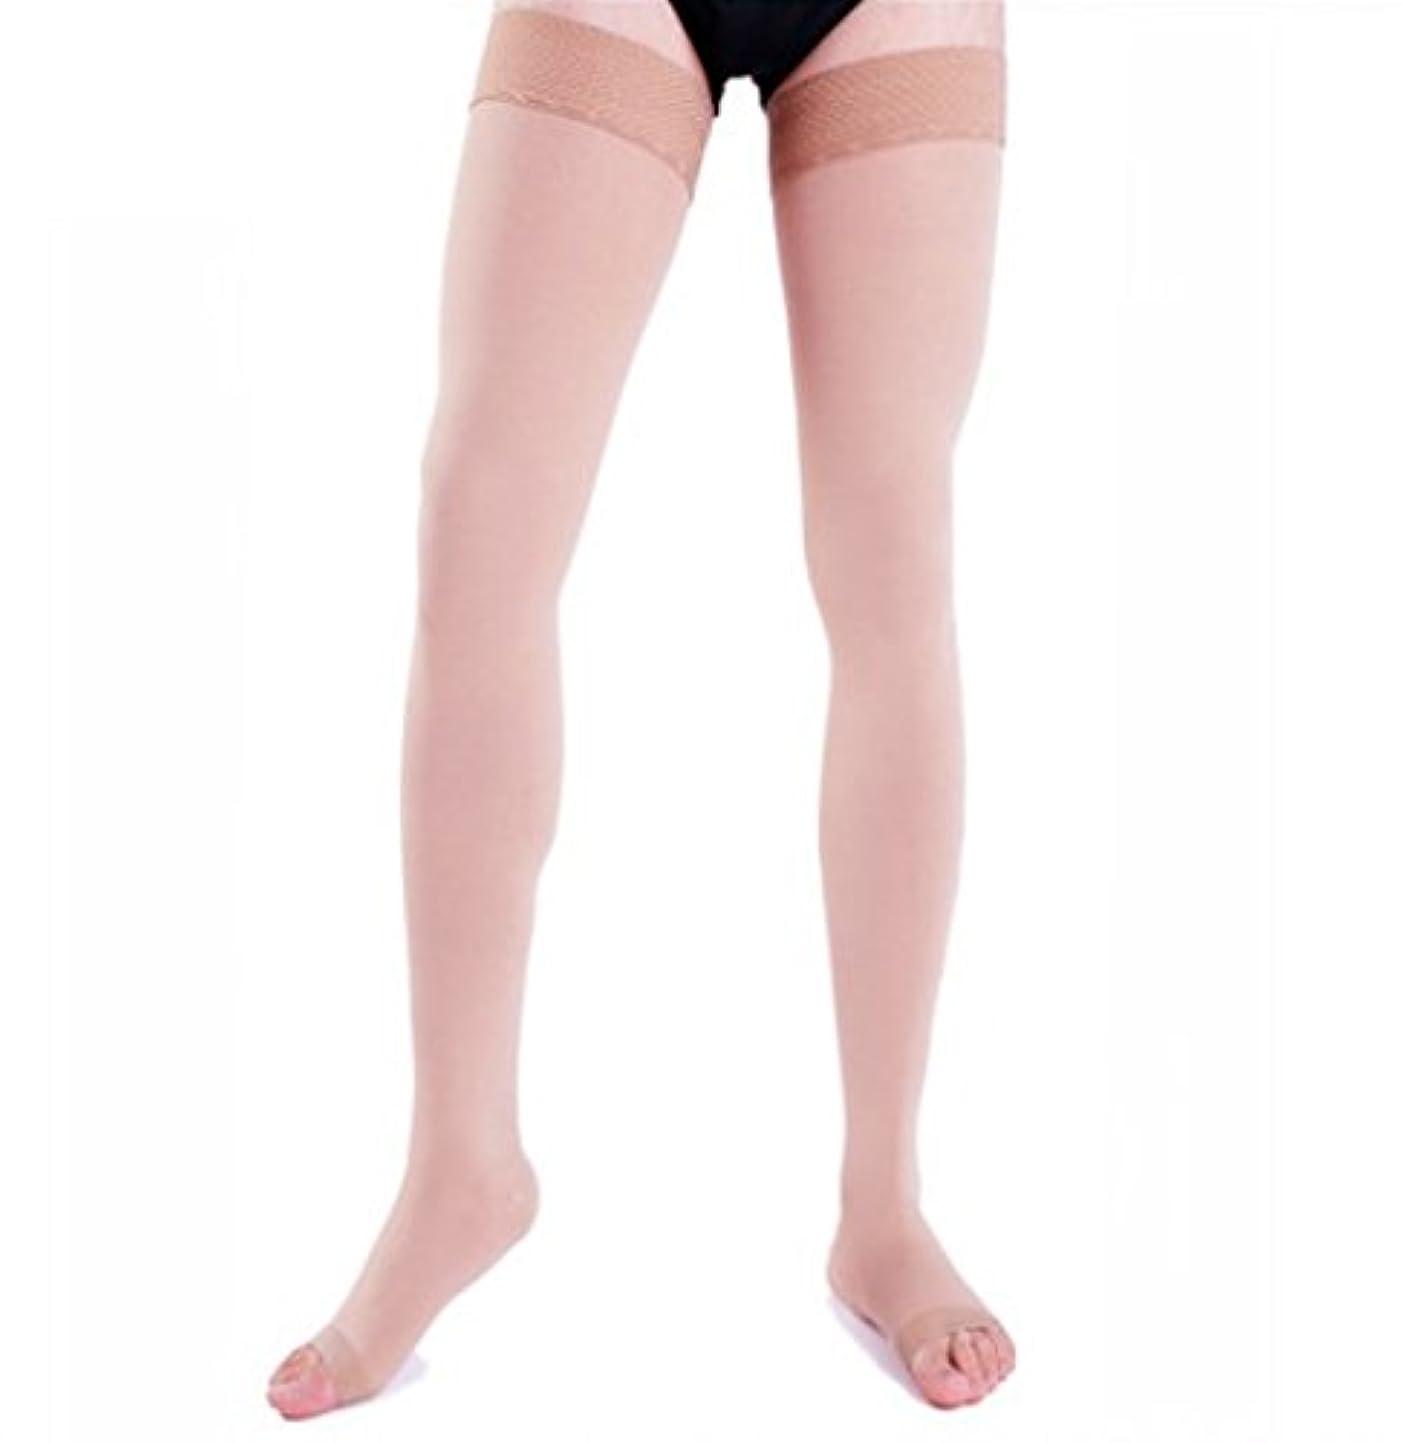 ファンシー程度協定【エコノミー症候群予防】男性用 着圧ソックス オープントゥ ロング (M, ベージュ)